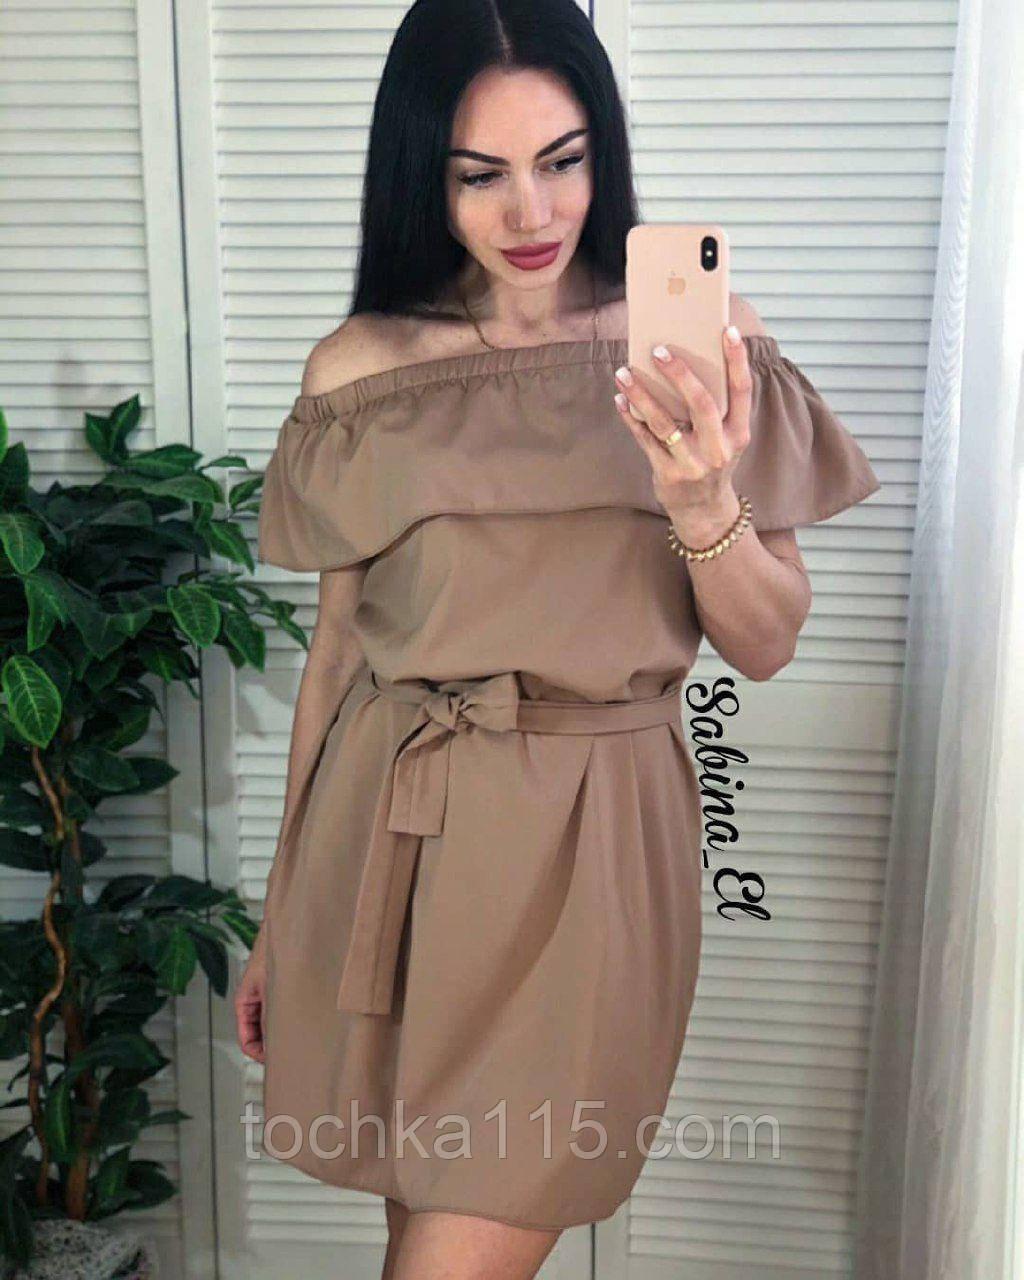 Стильное платье супер софт, подчеркнет твою женственность S/M/L